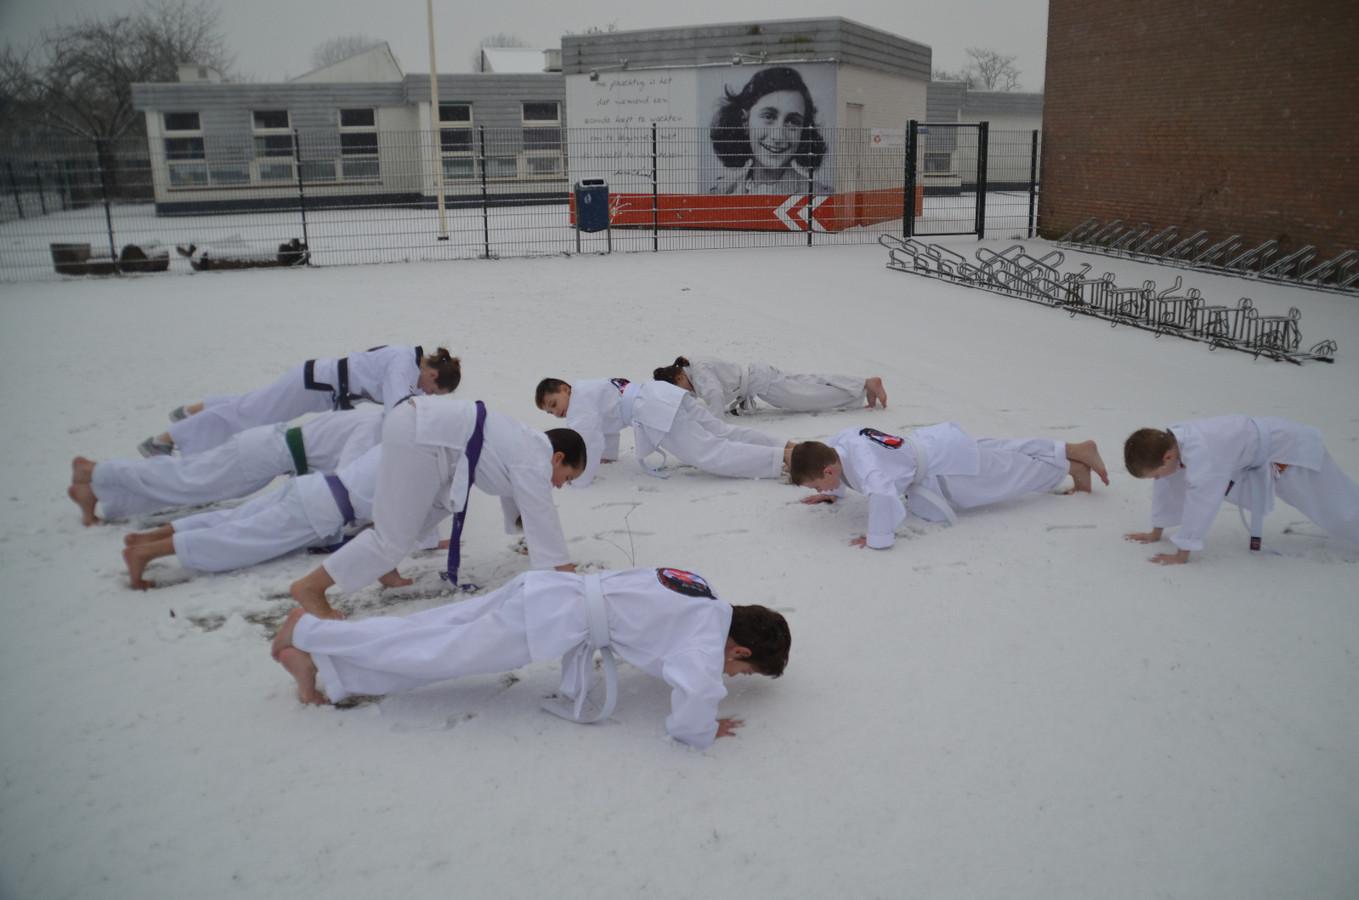 Equilibrium Combat Tang Soo Do (Koreaanse Karate) oefent in de sneeuw bij de Anne Frank basisschool in Arnhem.